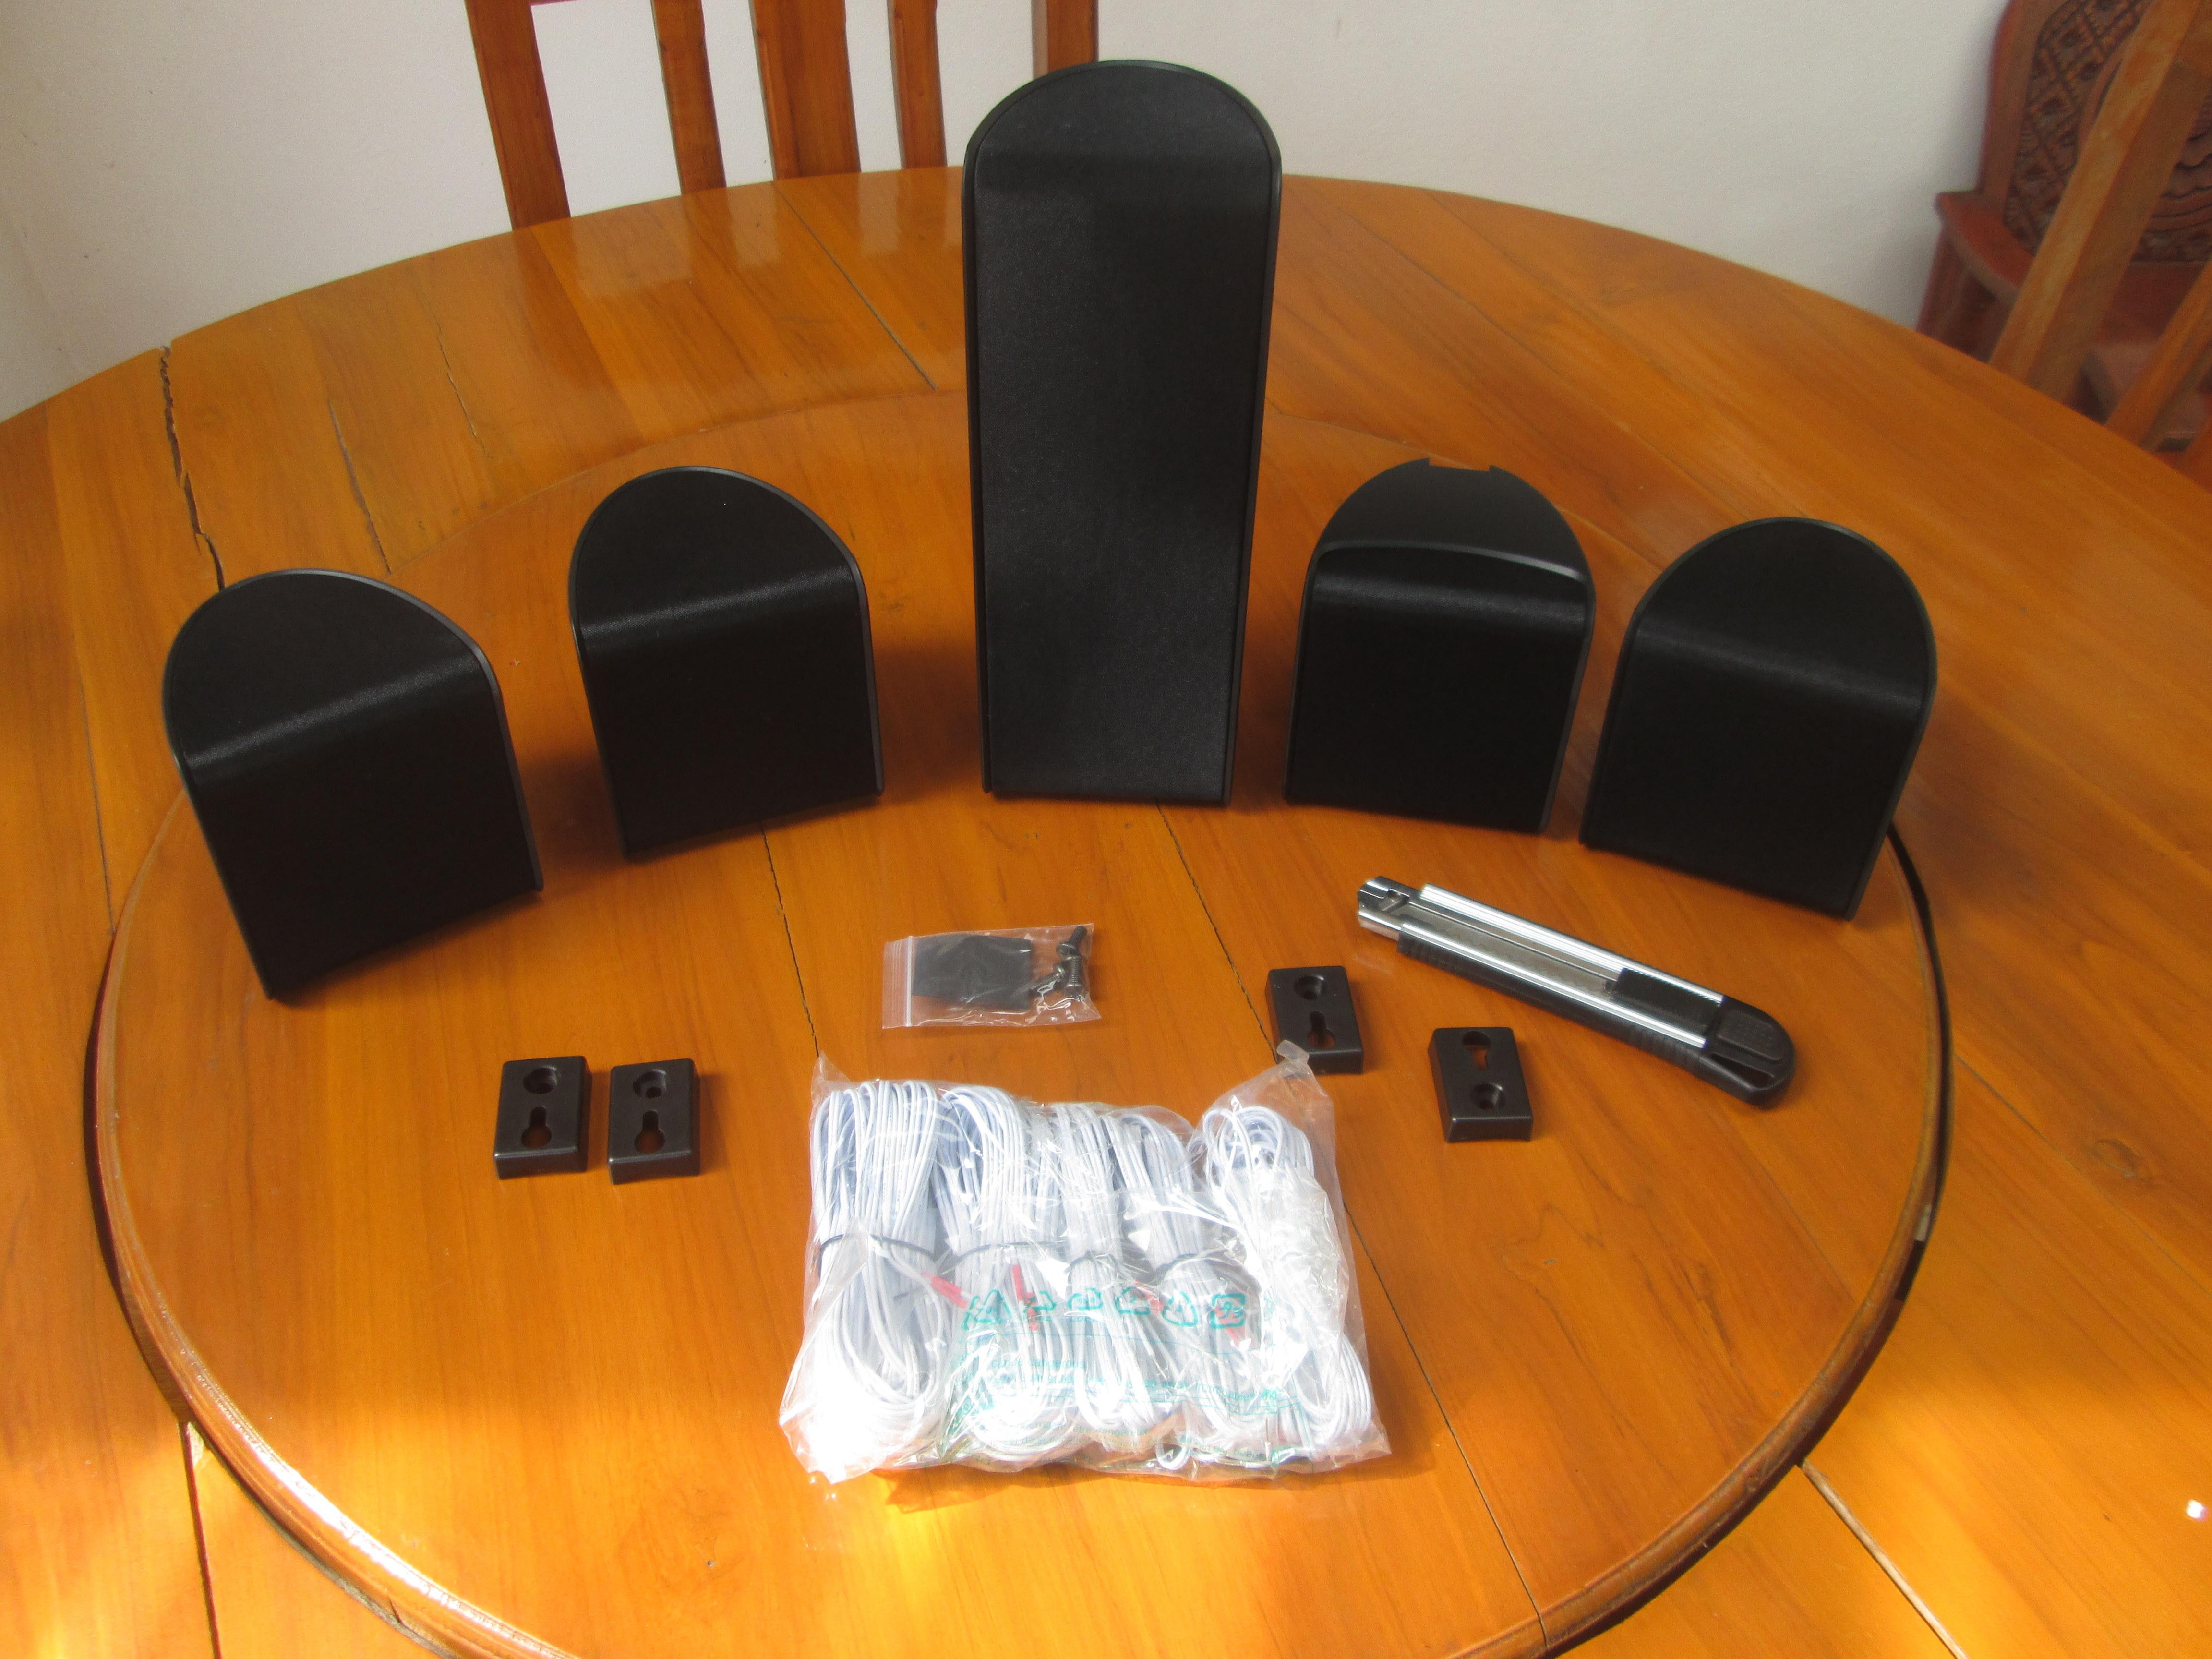 Onkyo Tx Nr636 Av Receiver Setup And Audio Pass Through